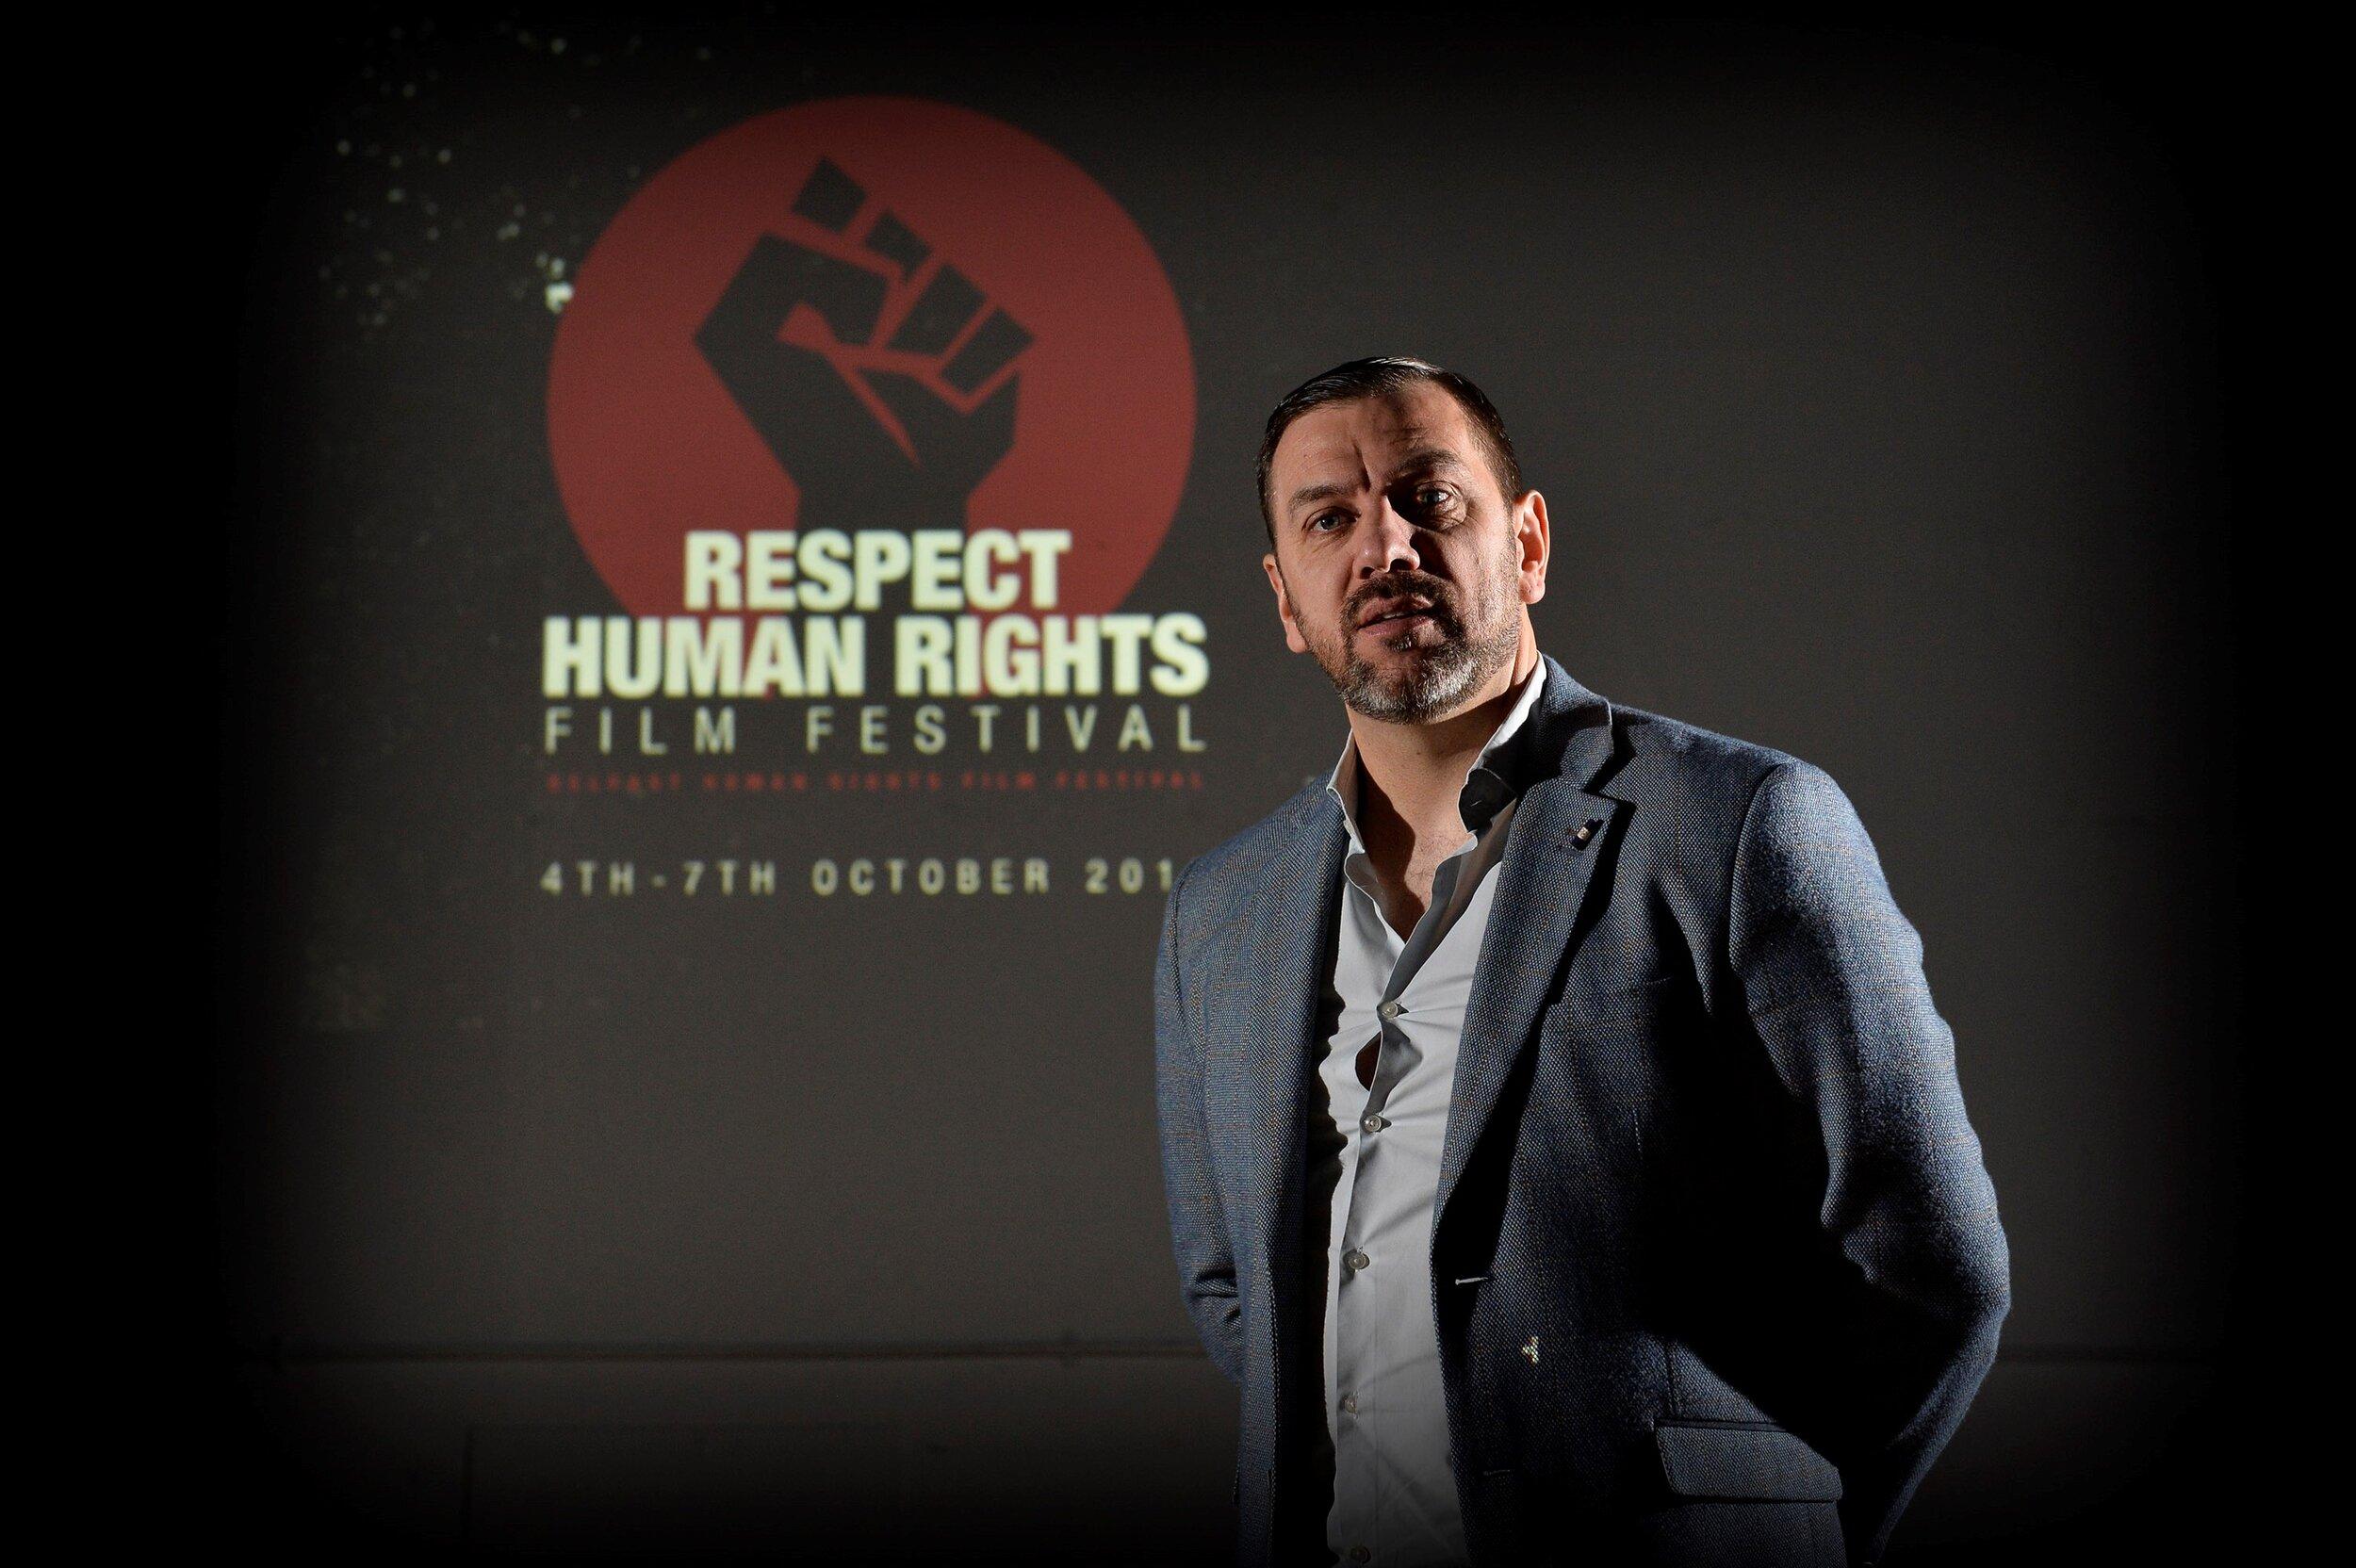 Festival Director, Seán Murray